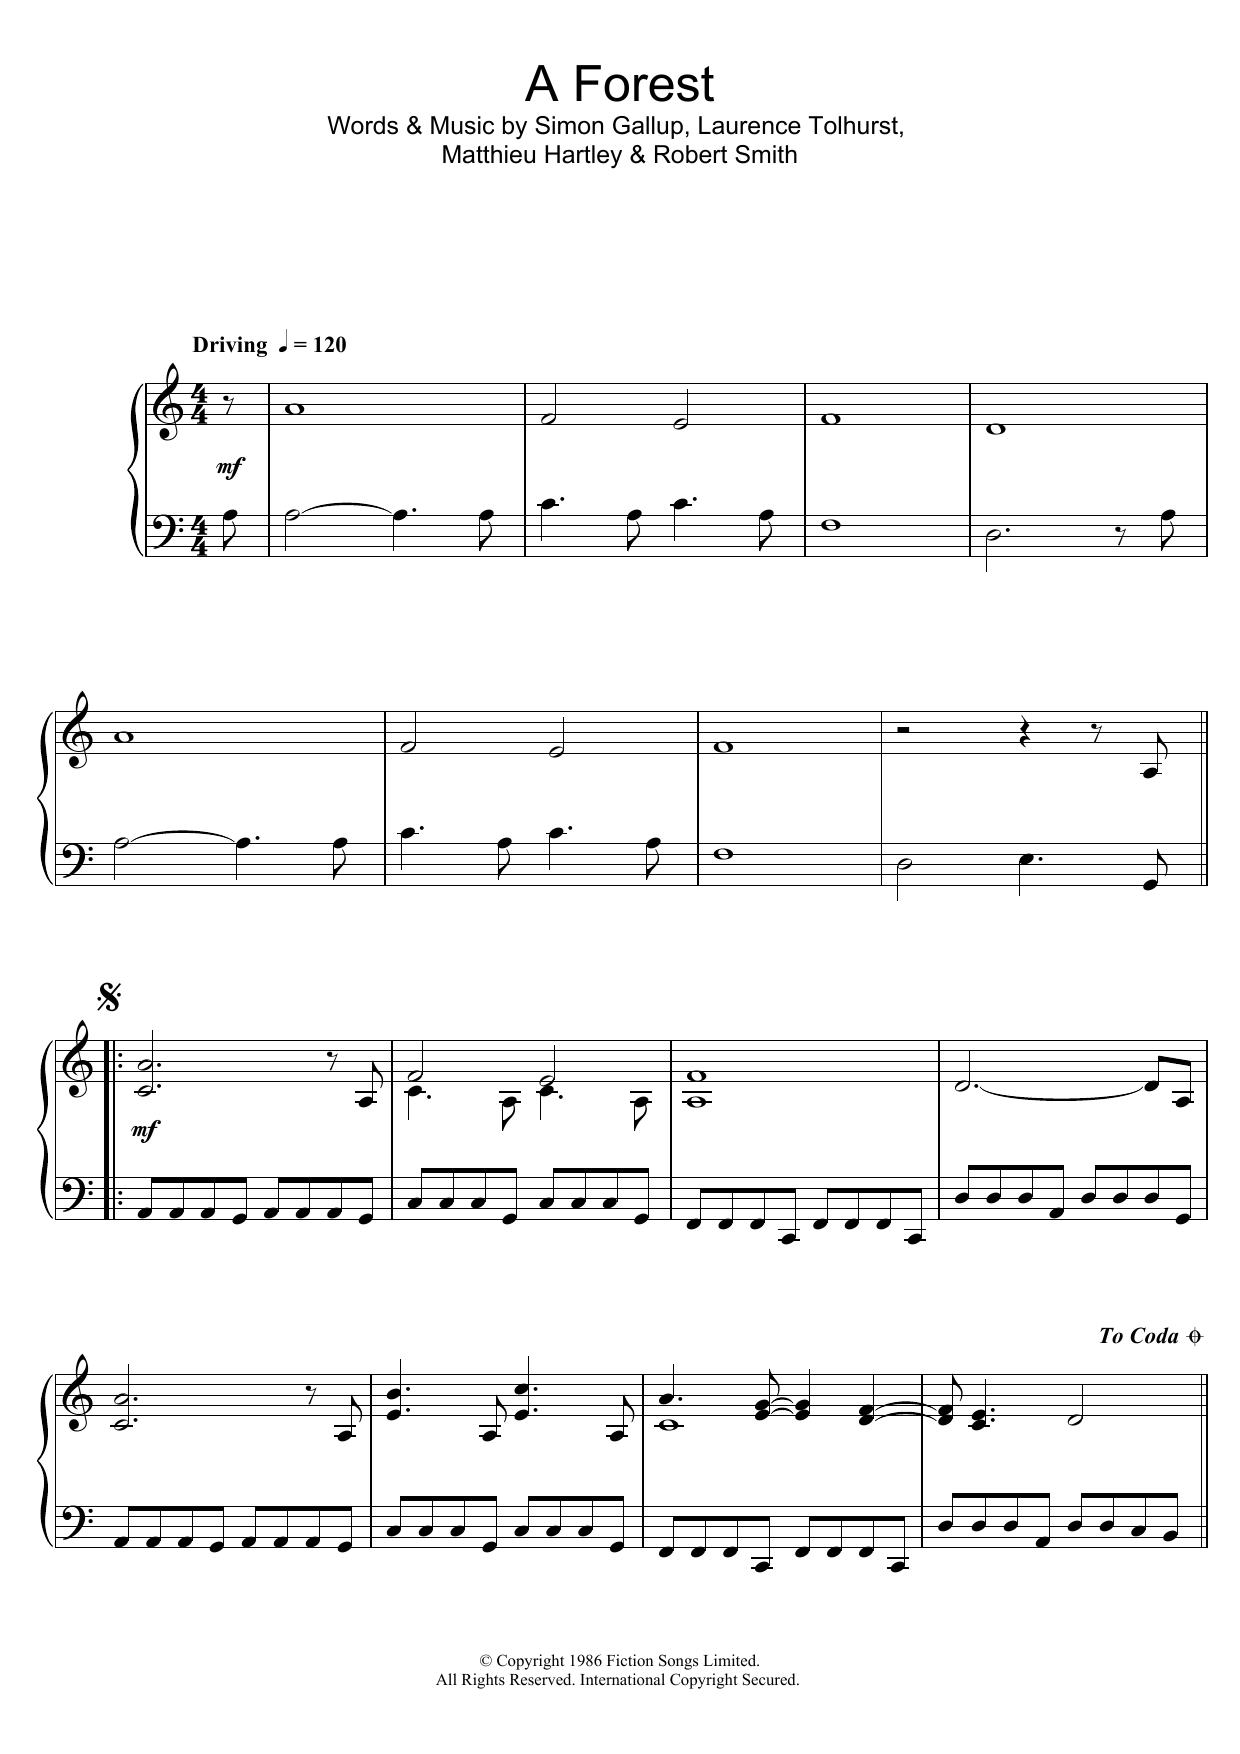 A Forest sheet music